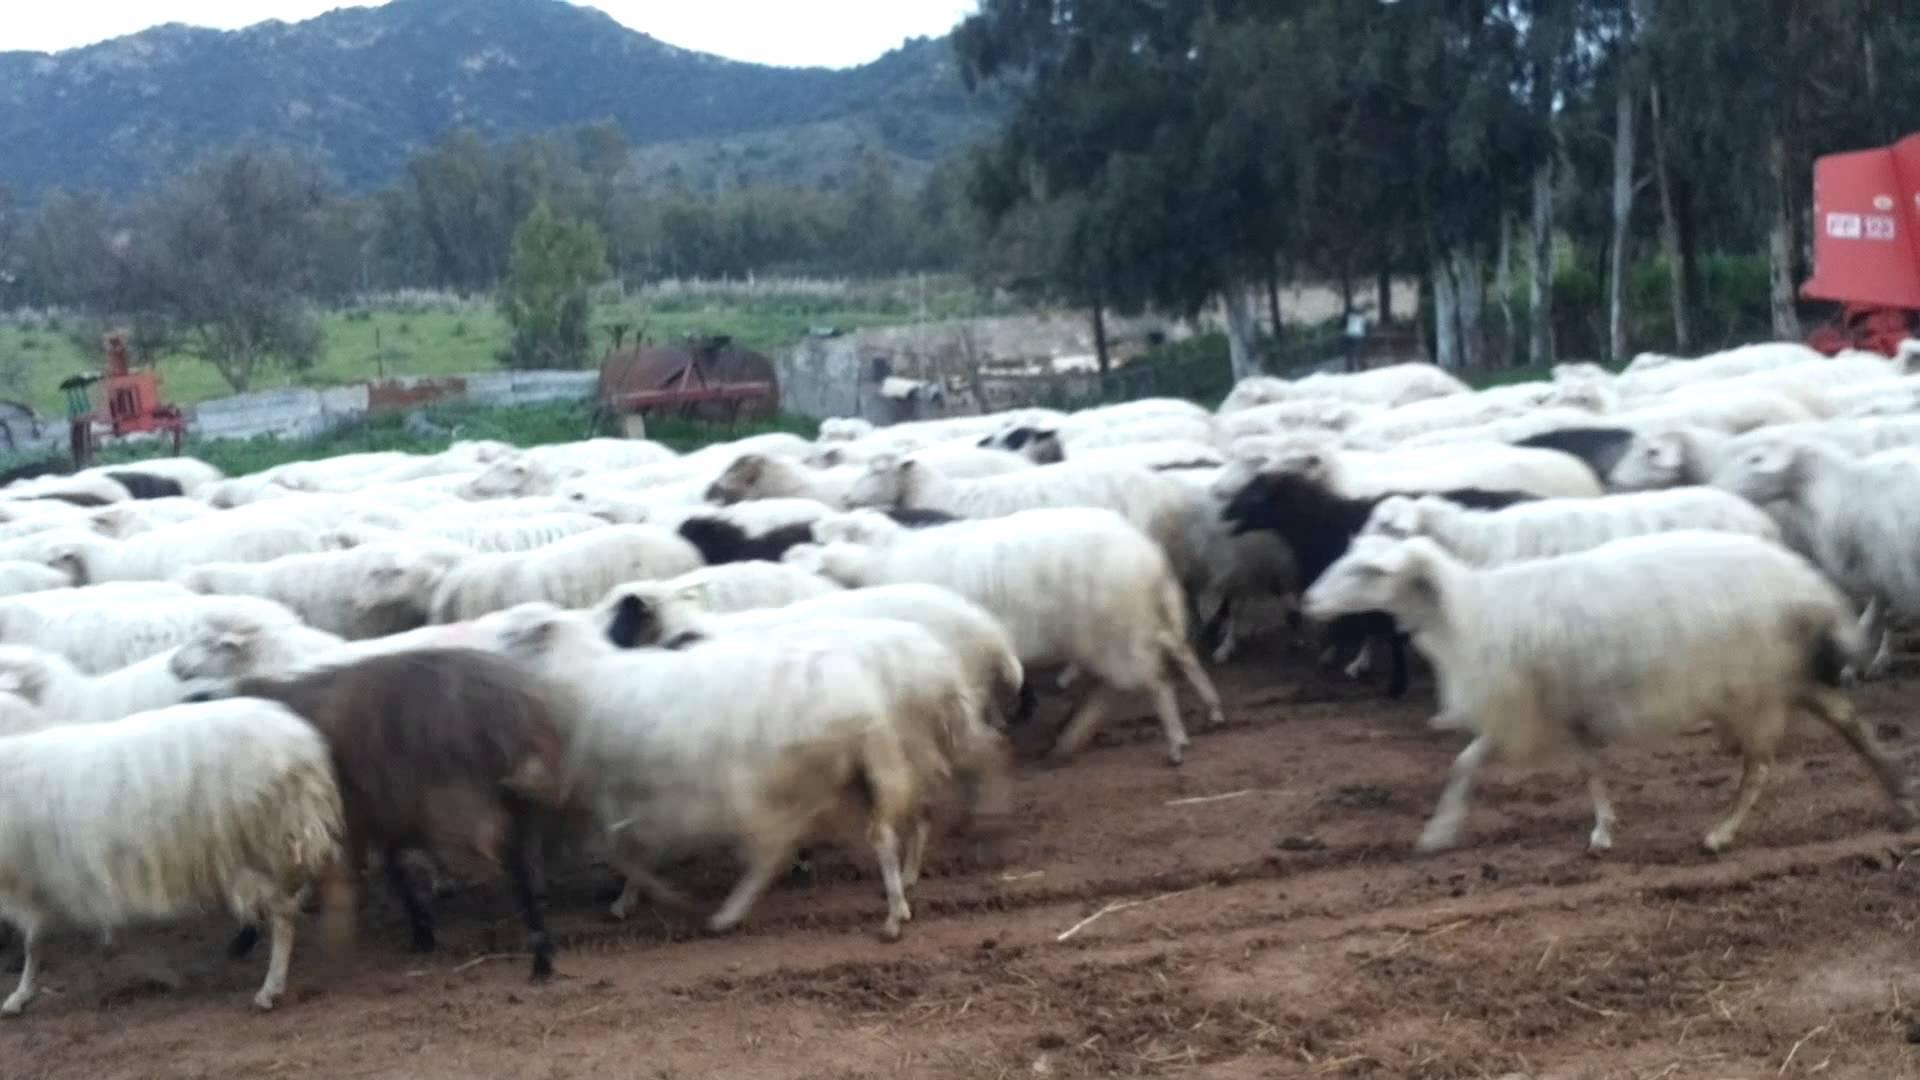 Sardegna, 135 pecore sgozzate dall'allevatore: cooperativa non voleva il suo latte